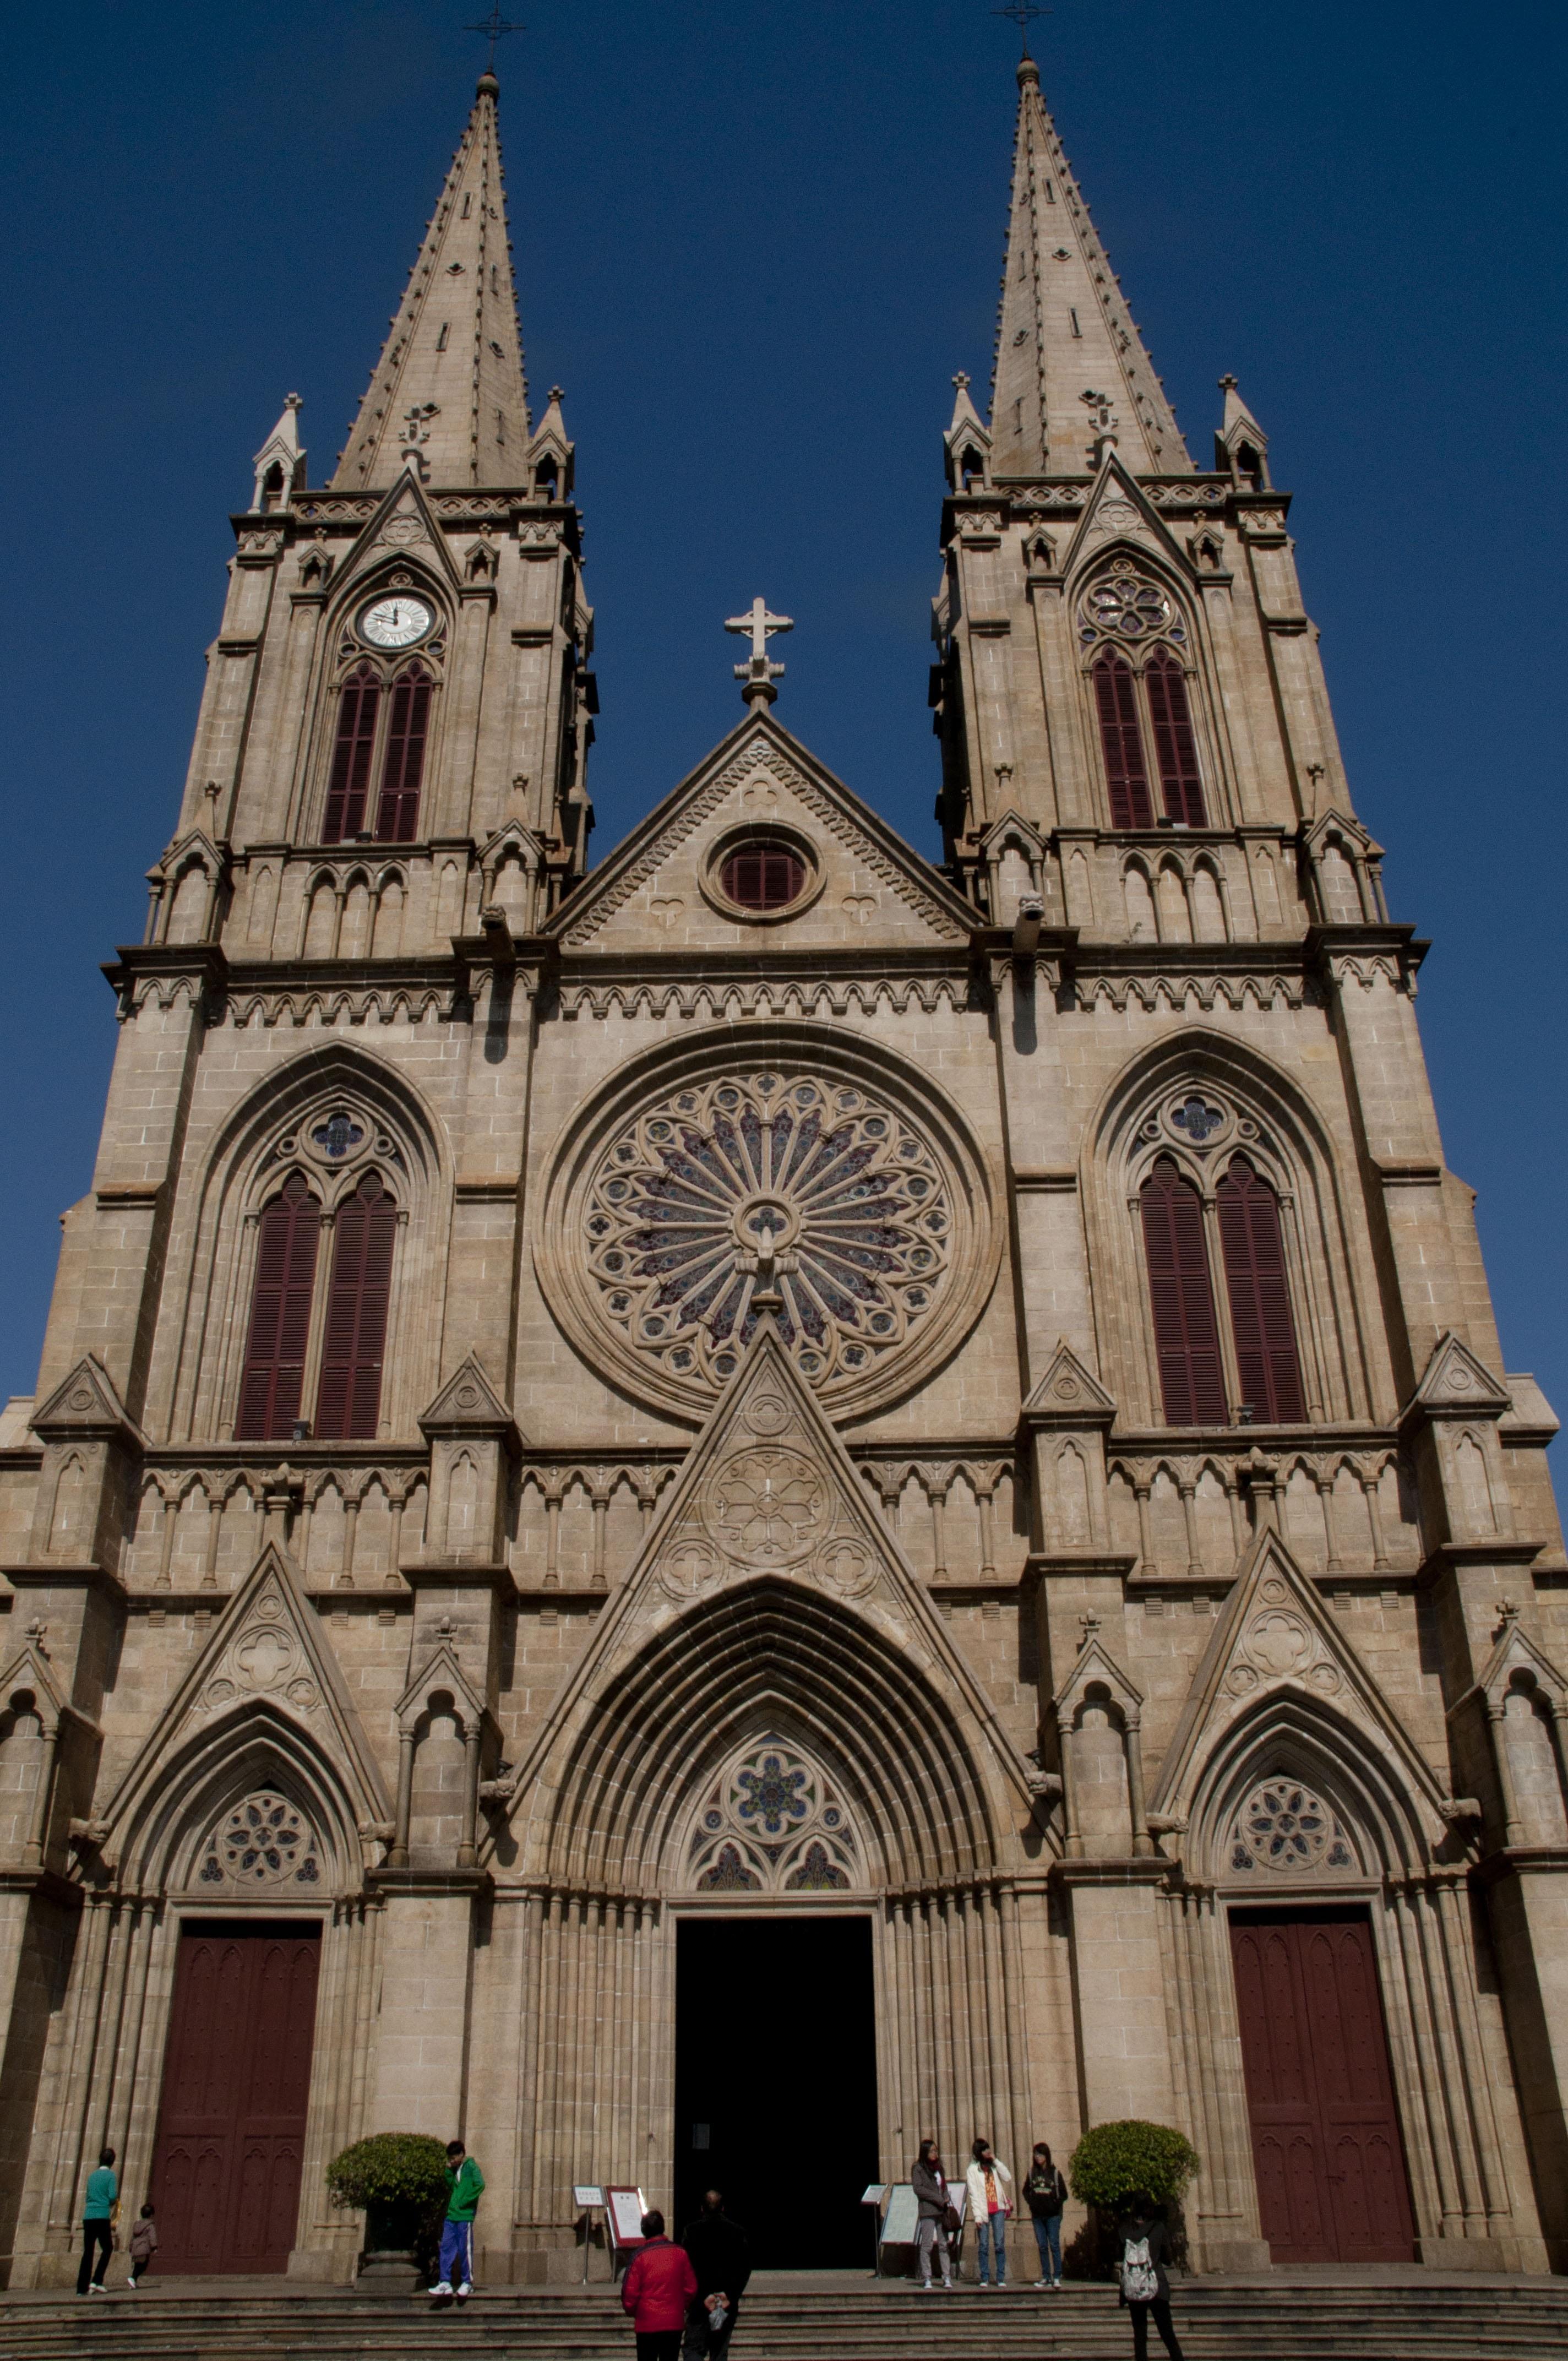 Fotos Gratis Edificio Fachada Iglesia Catedral Lugar